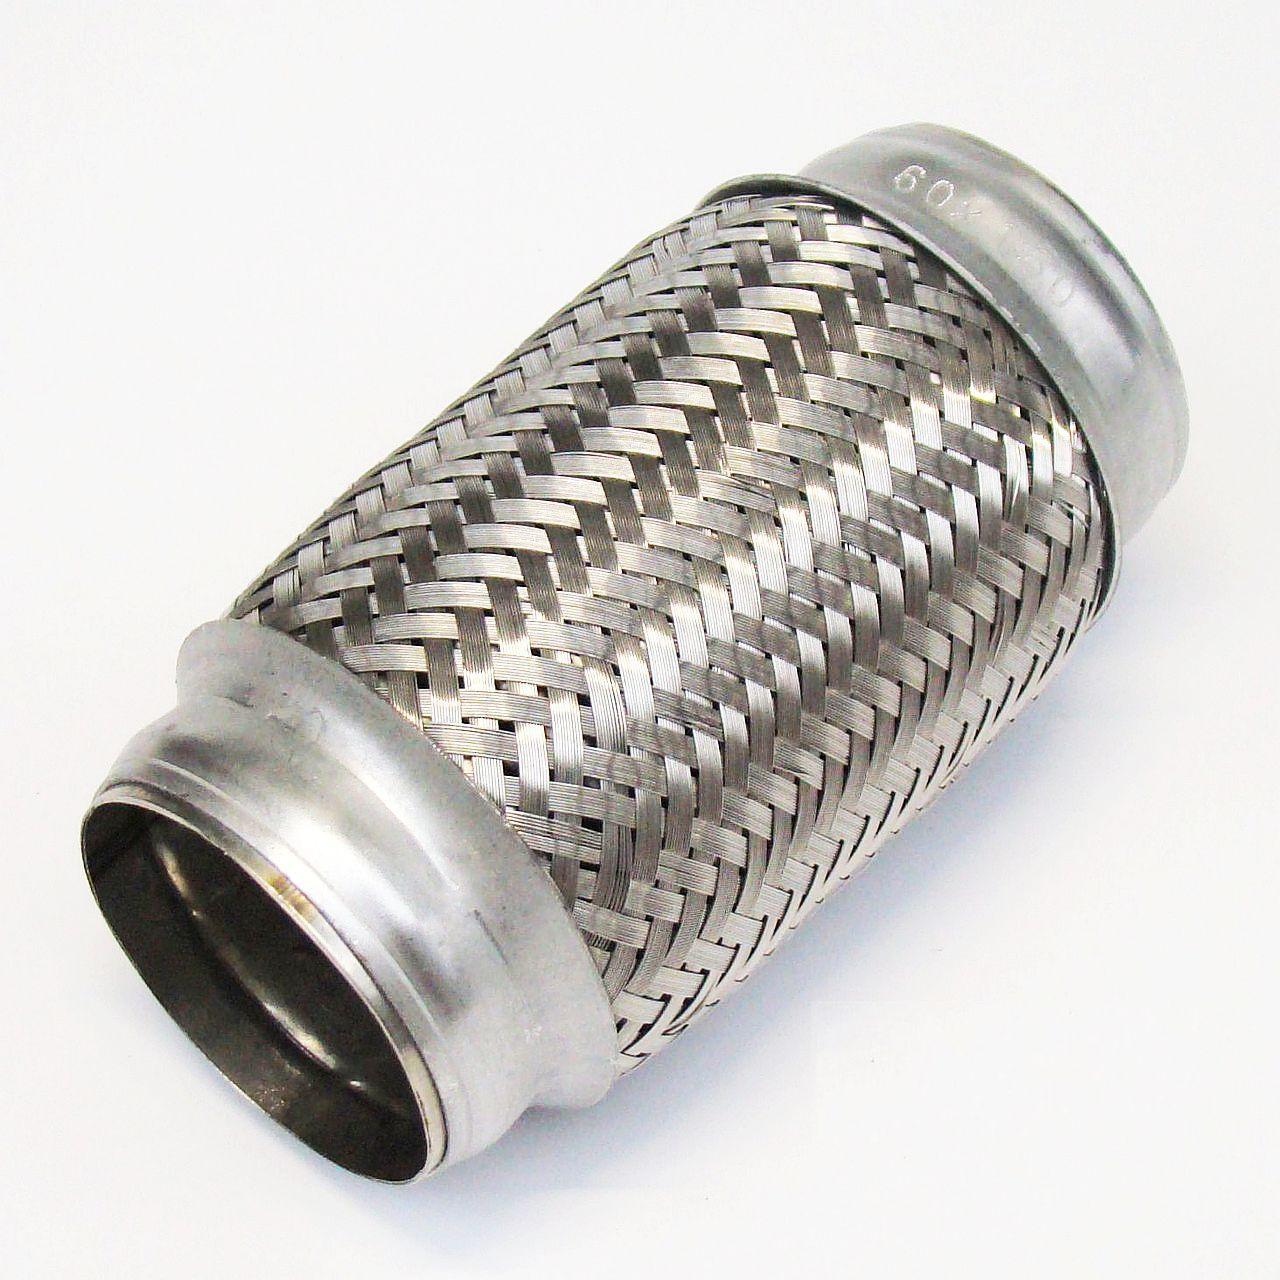 Edelstal 50x230 mm Flexrohr Flexibles Auspuff Hosenrohr Flexstück